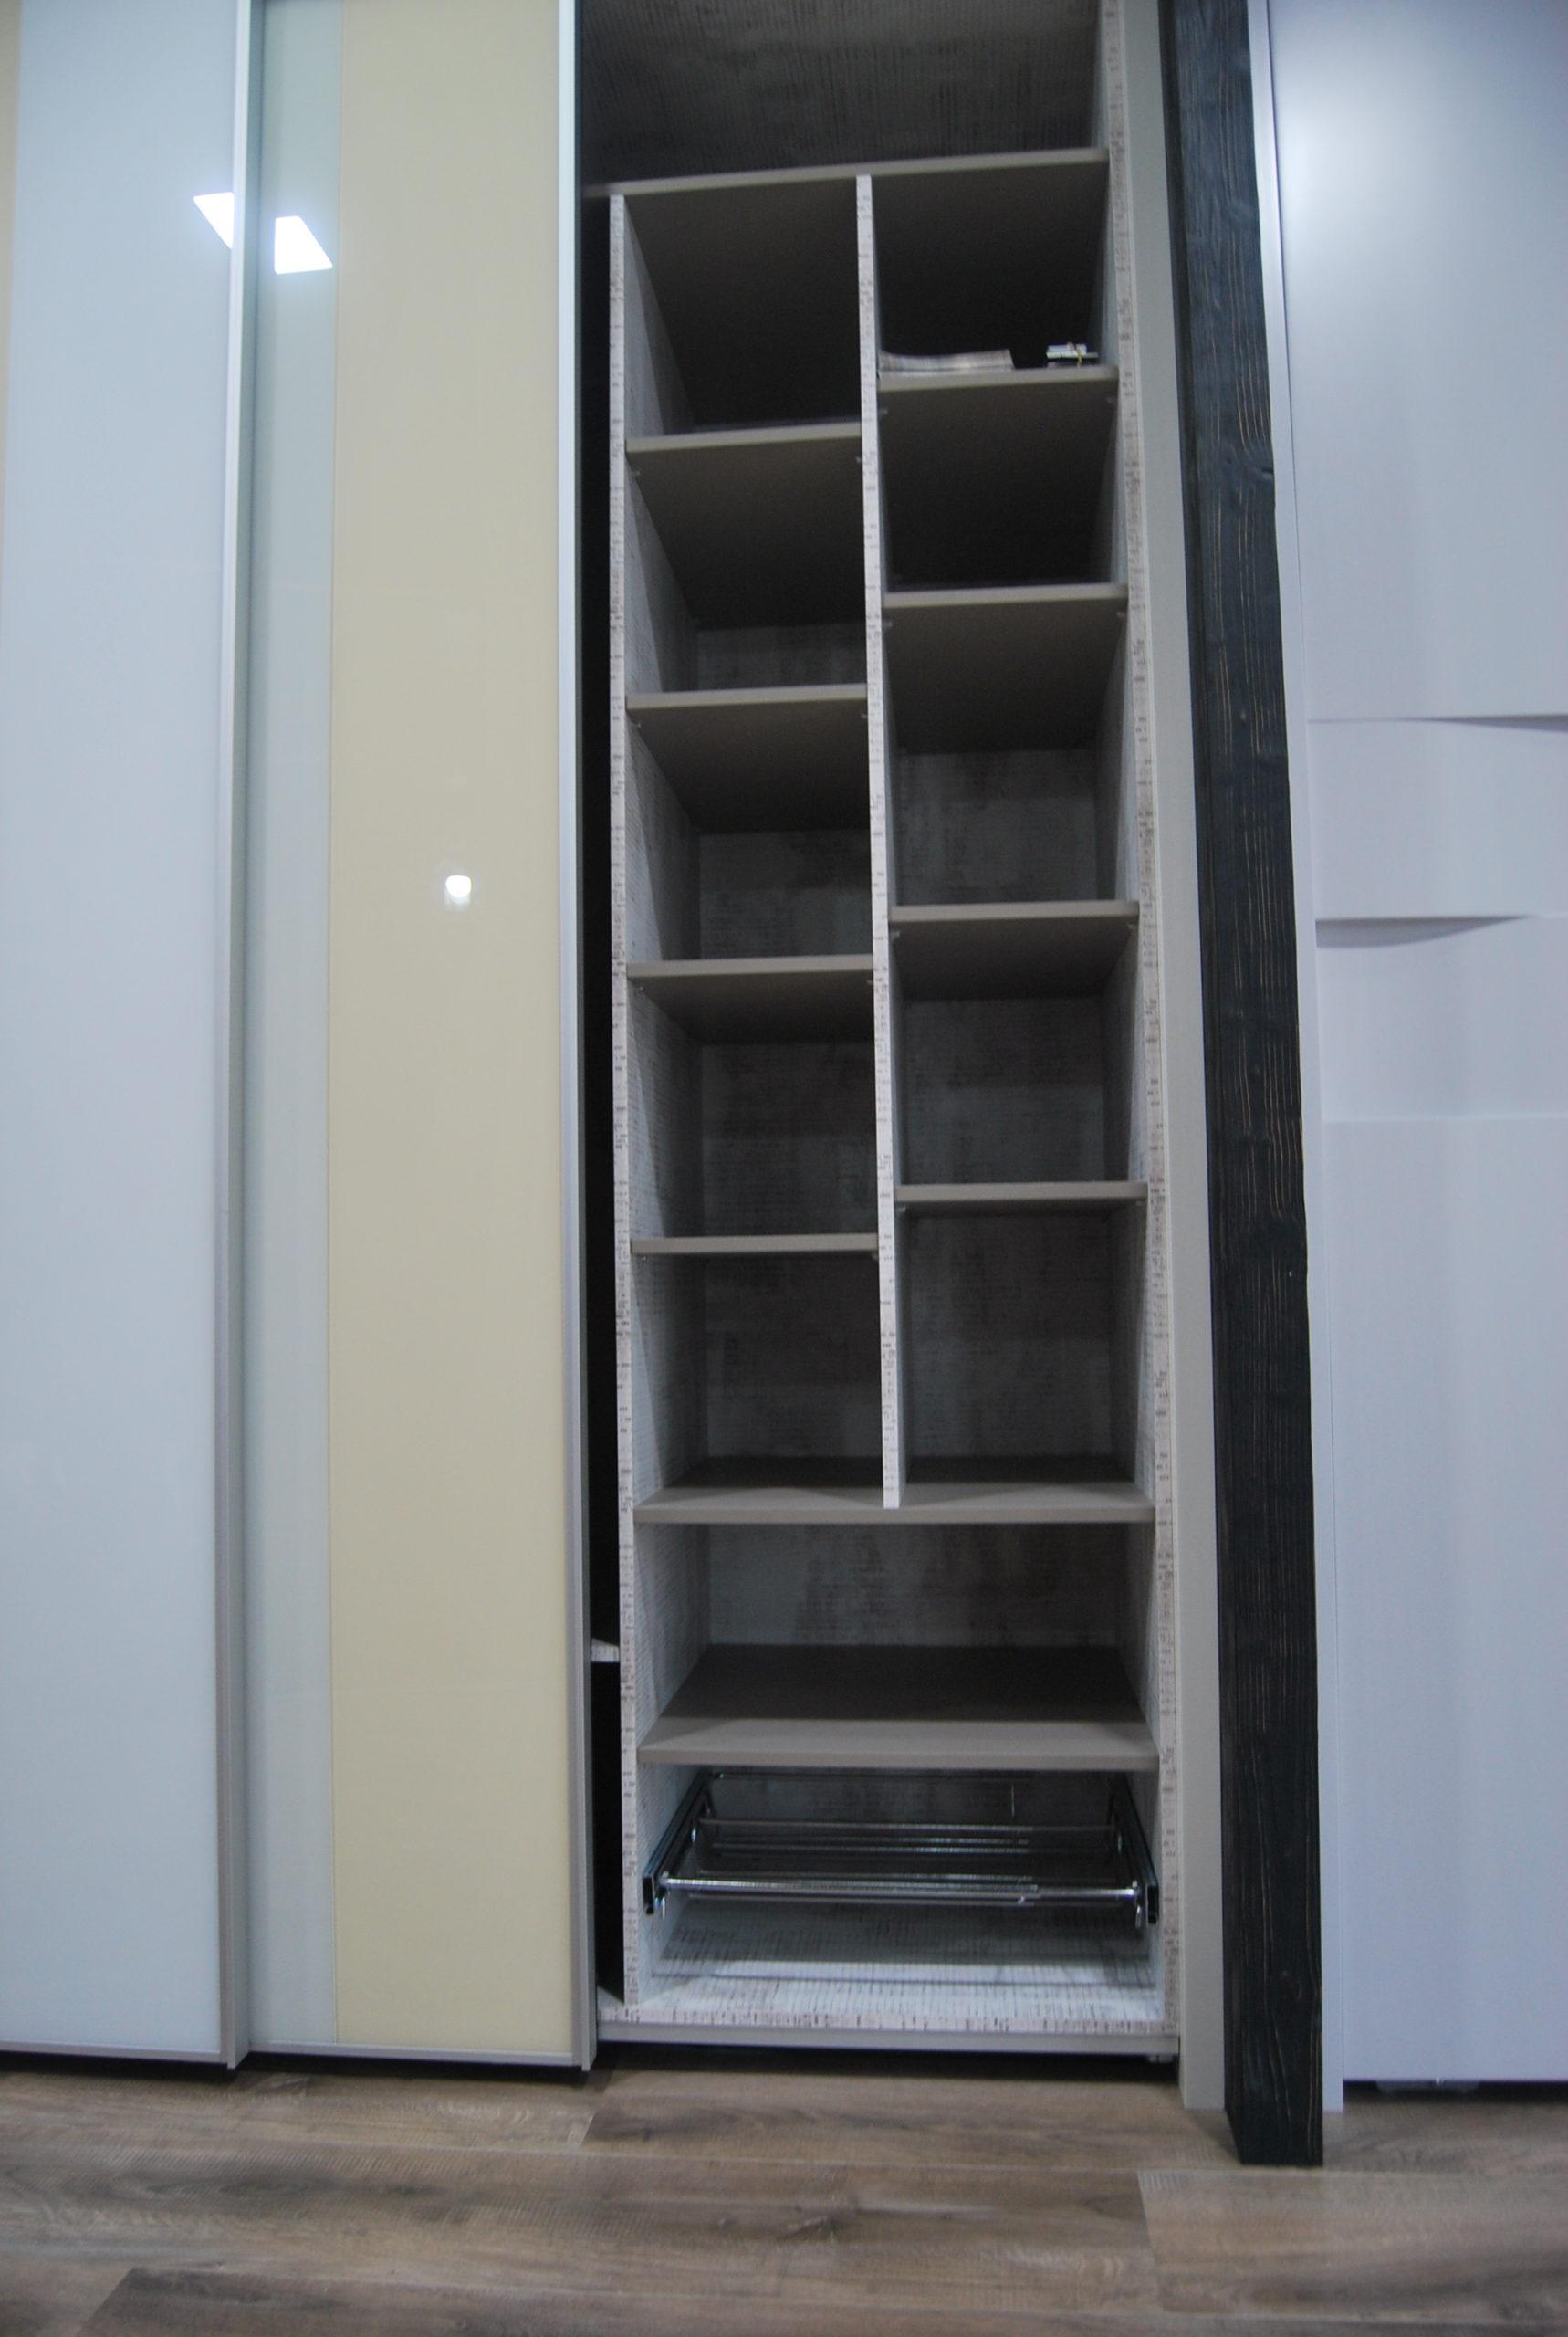 carpinteria-luis-fuente-armarios-de-madera-burgos-españa-taller-madera-de-calidad-premium-muebles-compra-venta (18)